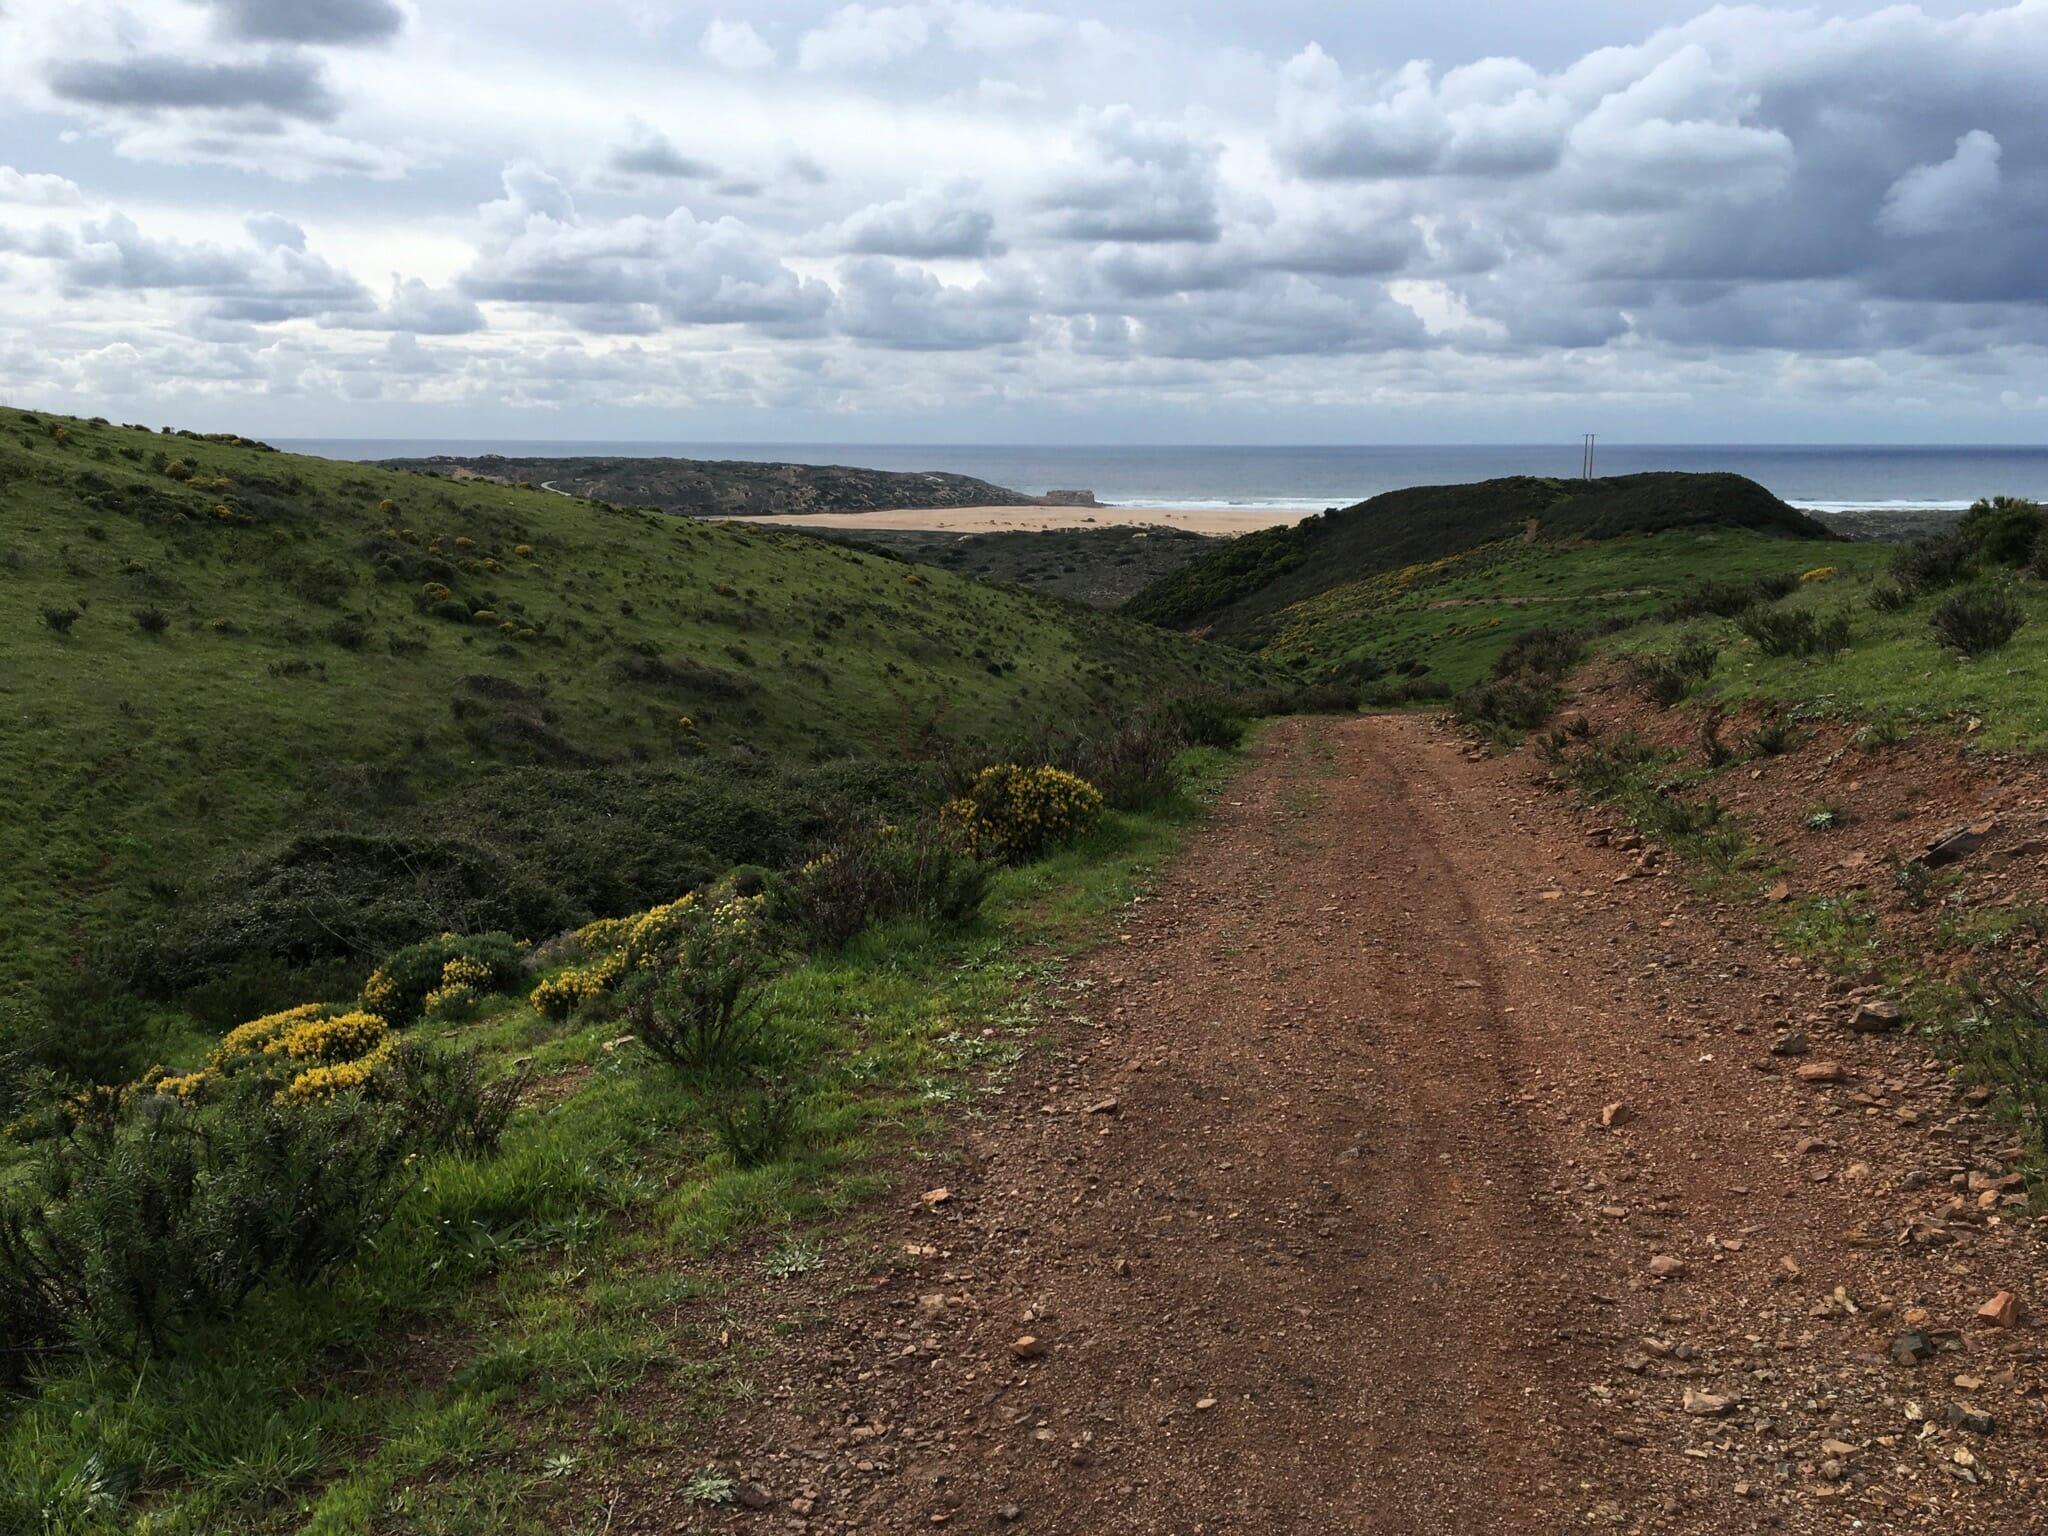 Approaching Praia Da Bordeira